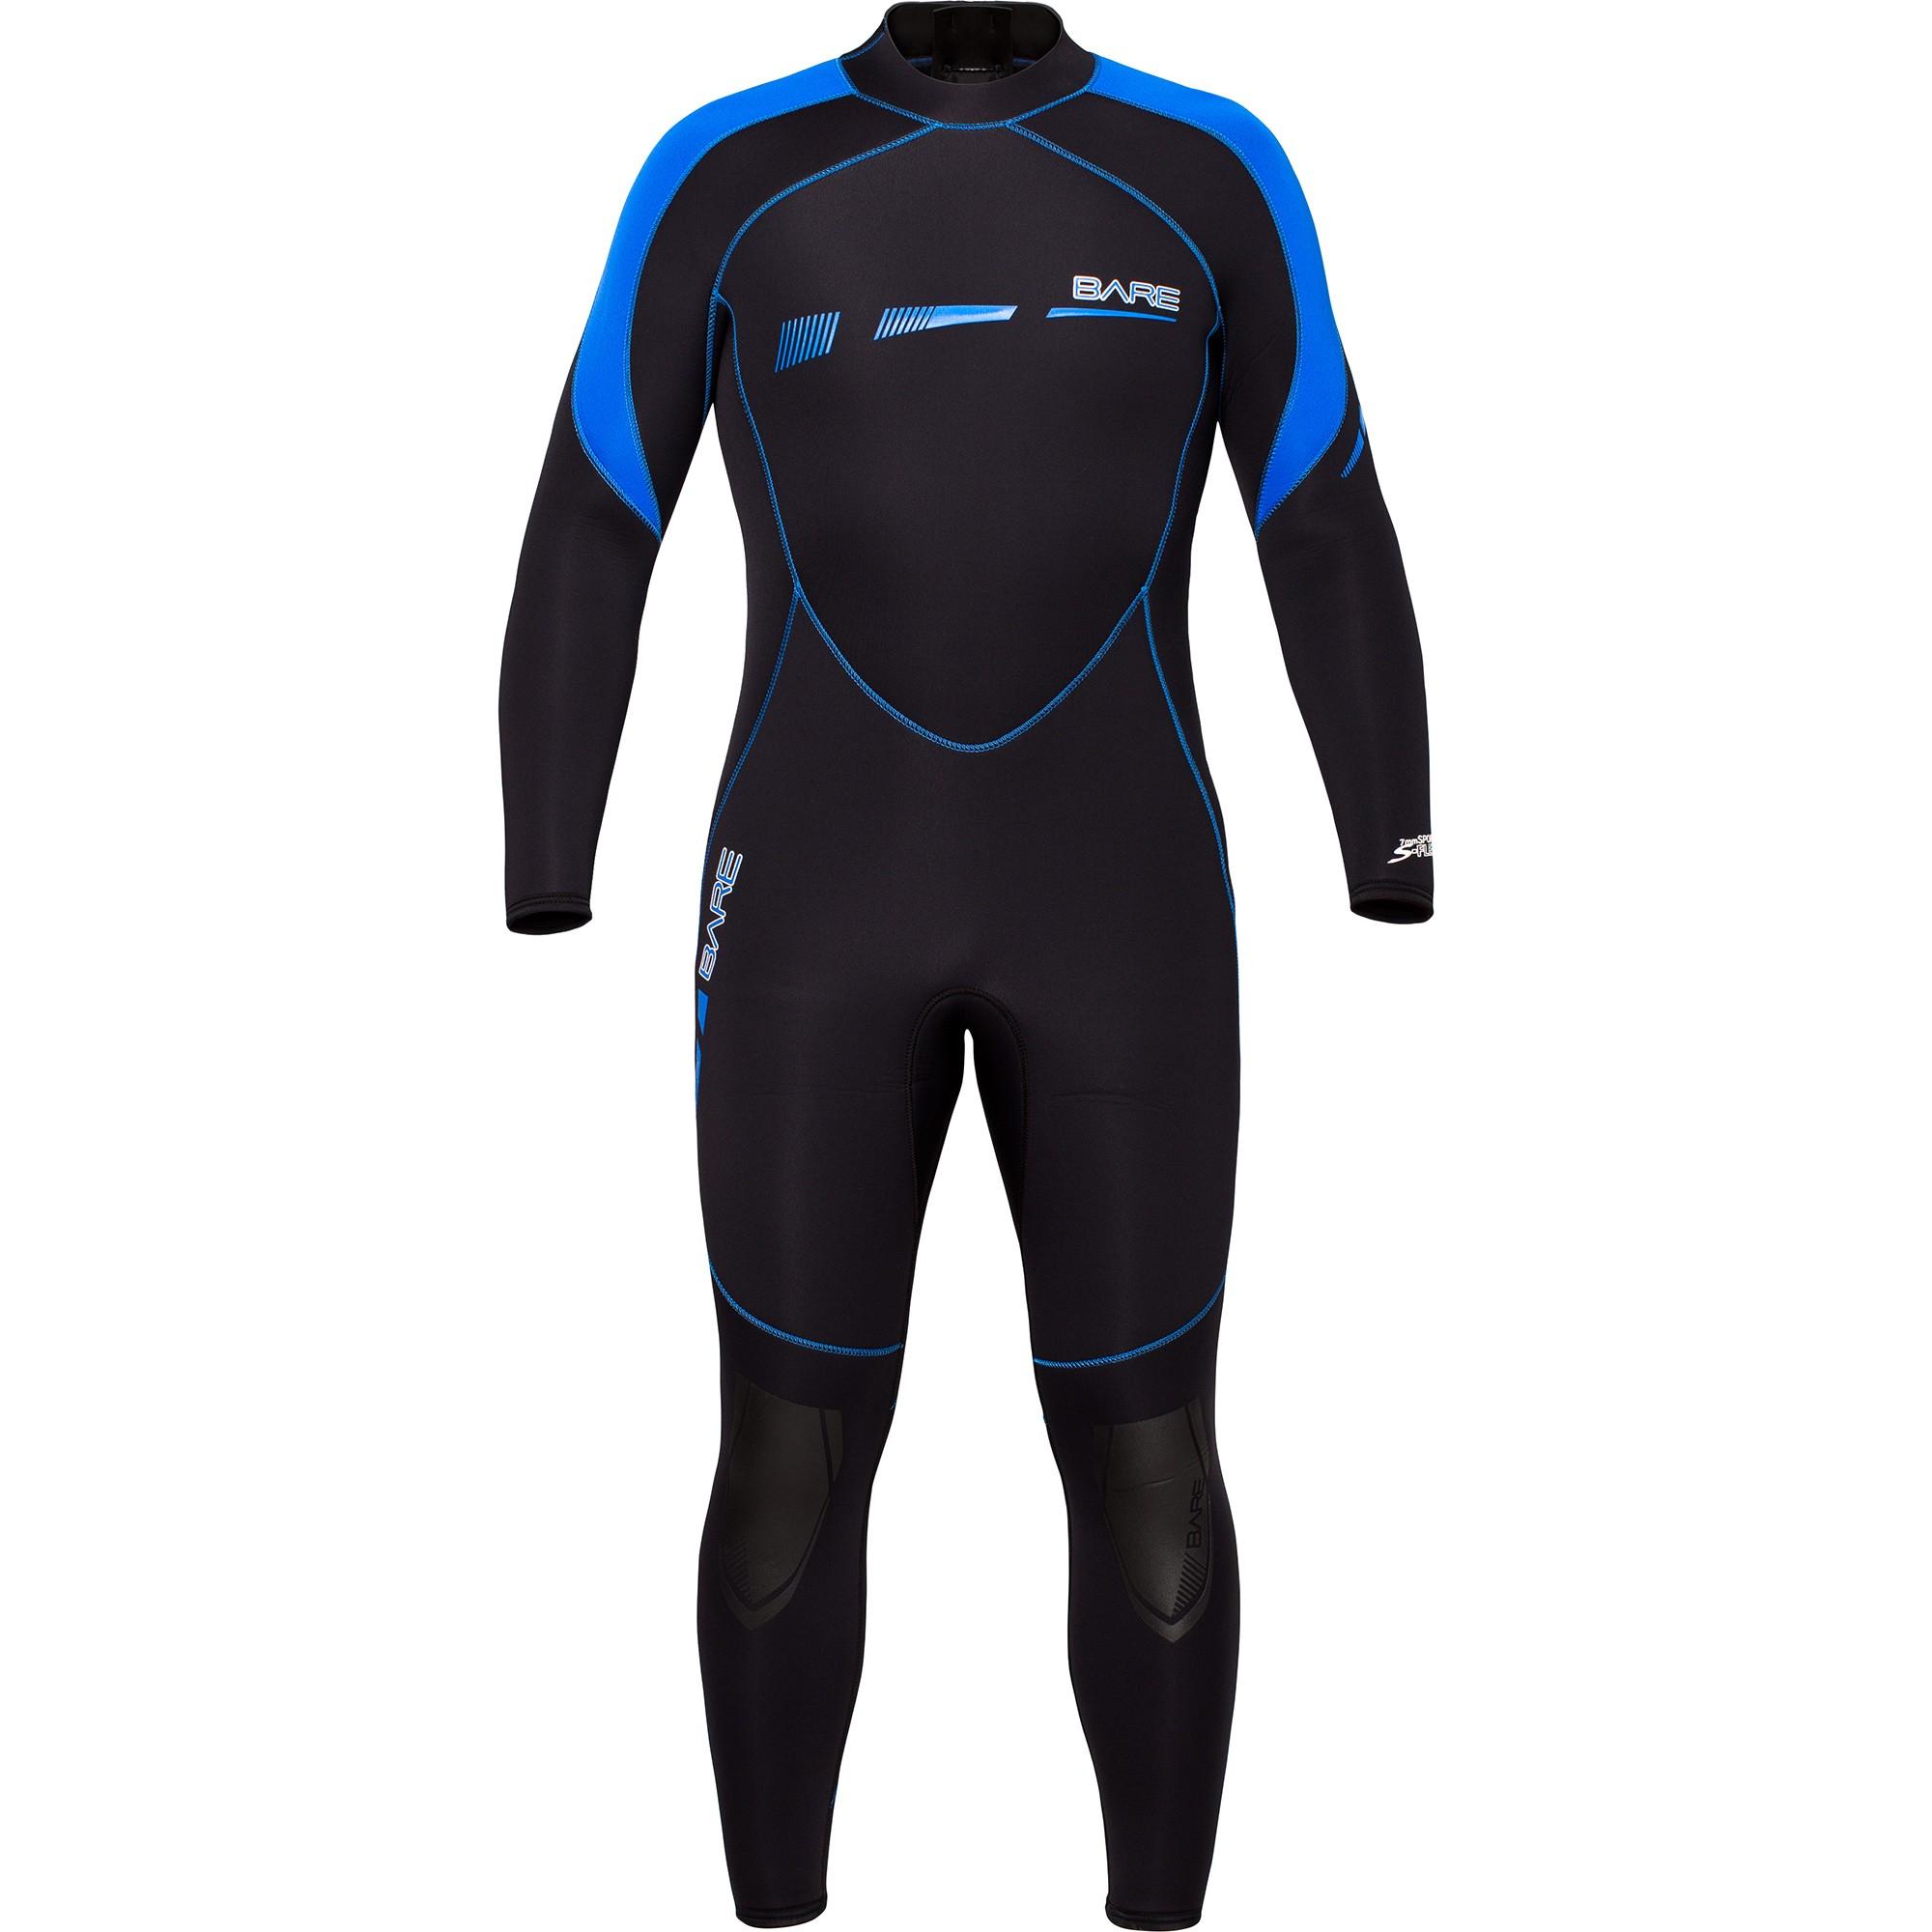 BARE Sport S-Flex 7MM Full Wetsuit